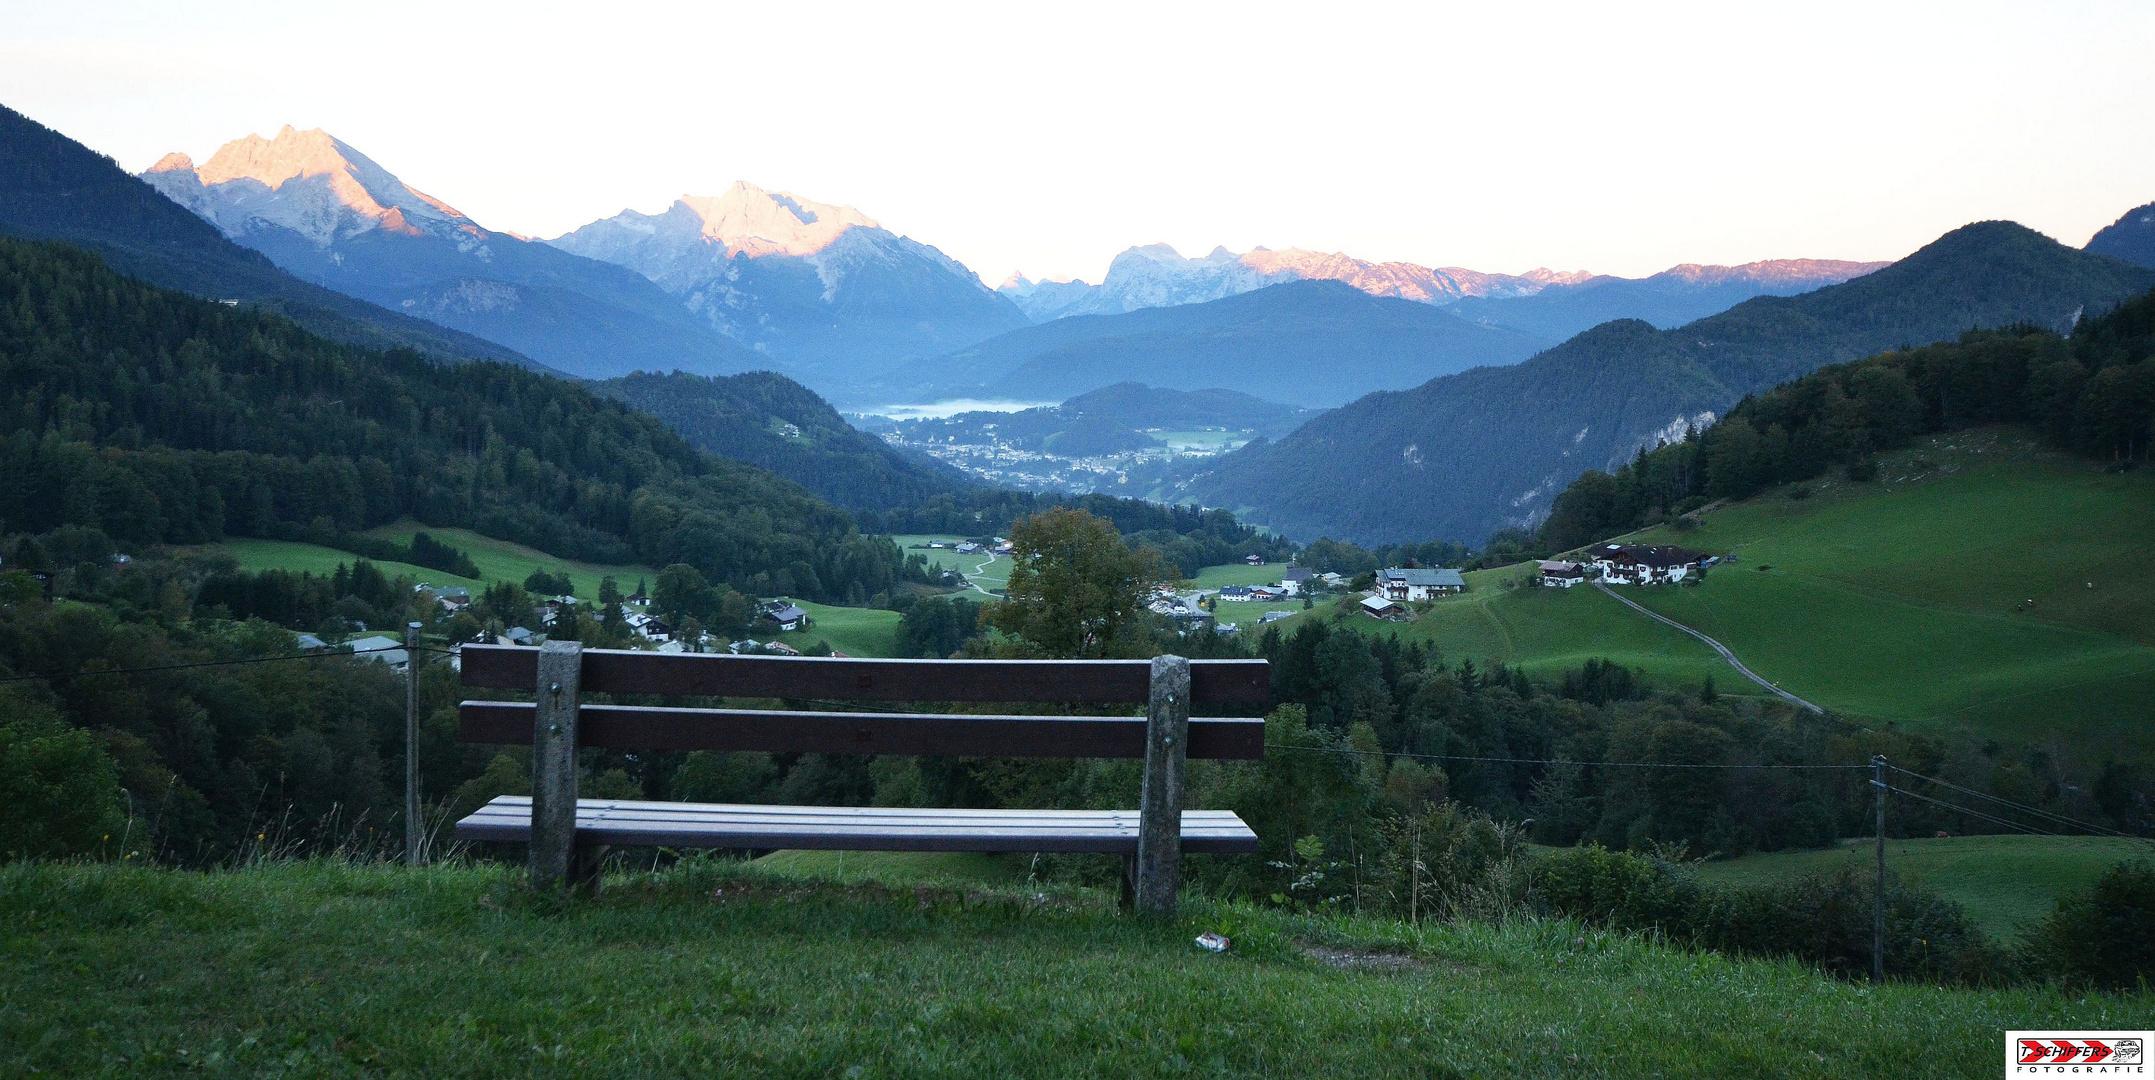 Sonnenaufgang - Berchtesgaden